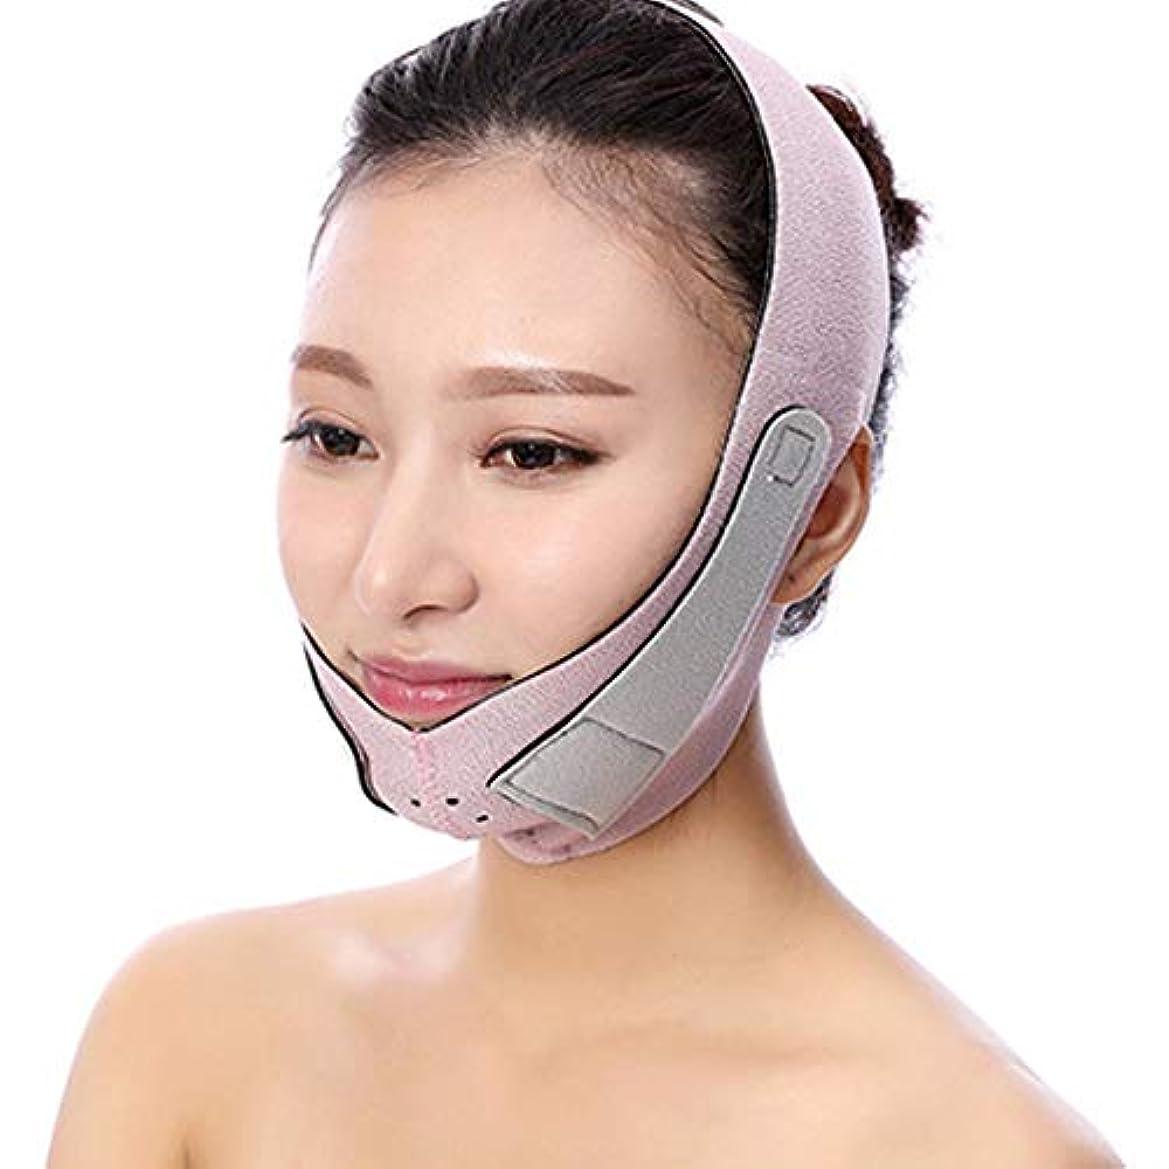 ZWBD フェイスマスク, フェイスリフティング包帯睡眠フードフェイスリフティング引き締めダブルチンDecreeオレンジパープル (Color : Purple)